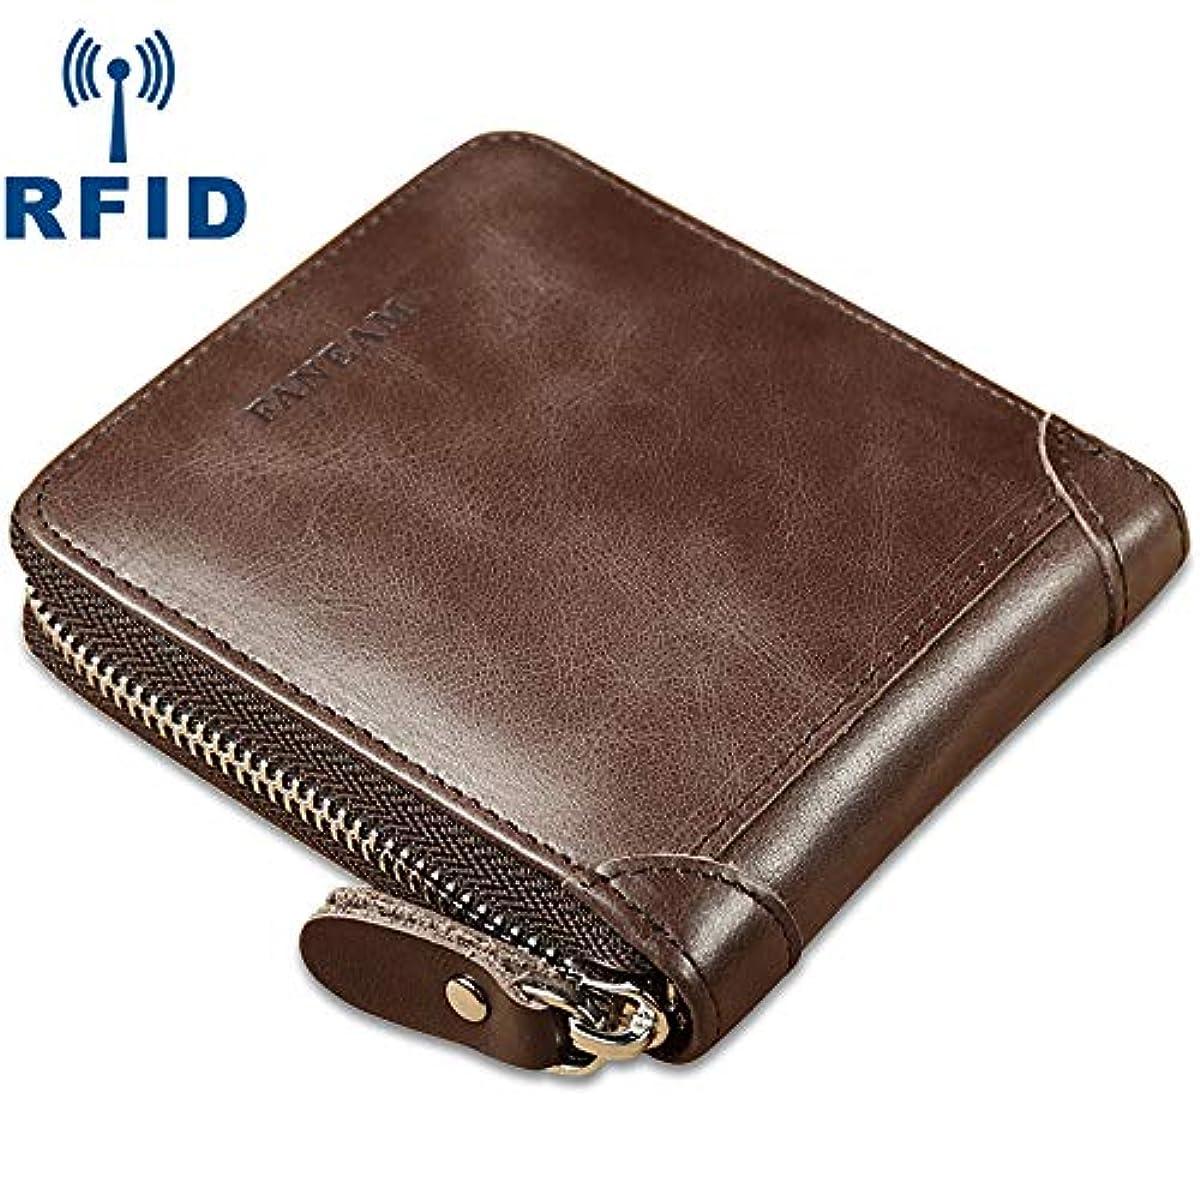 vendite calde a65f1 df8c1 Dettagli su Faneam Portafoglio Uomo Pelle RFID Portamonete Uomo con  Cerniera Portafogli Uomo